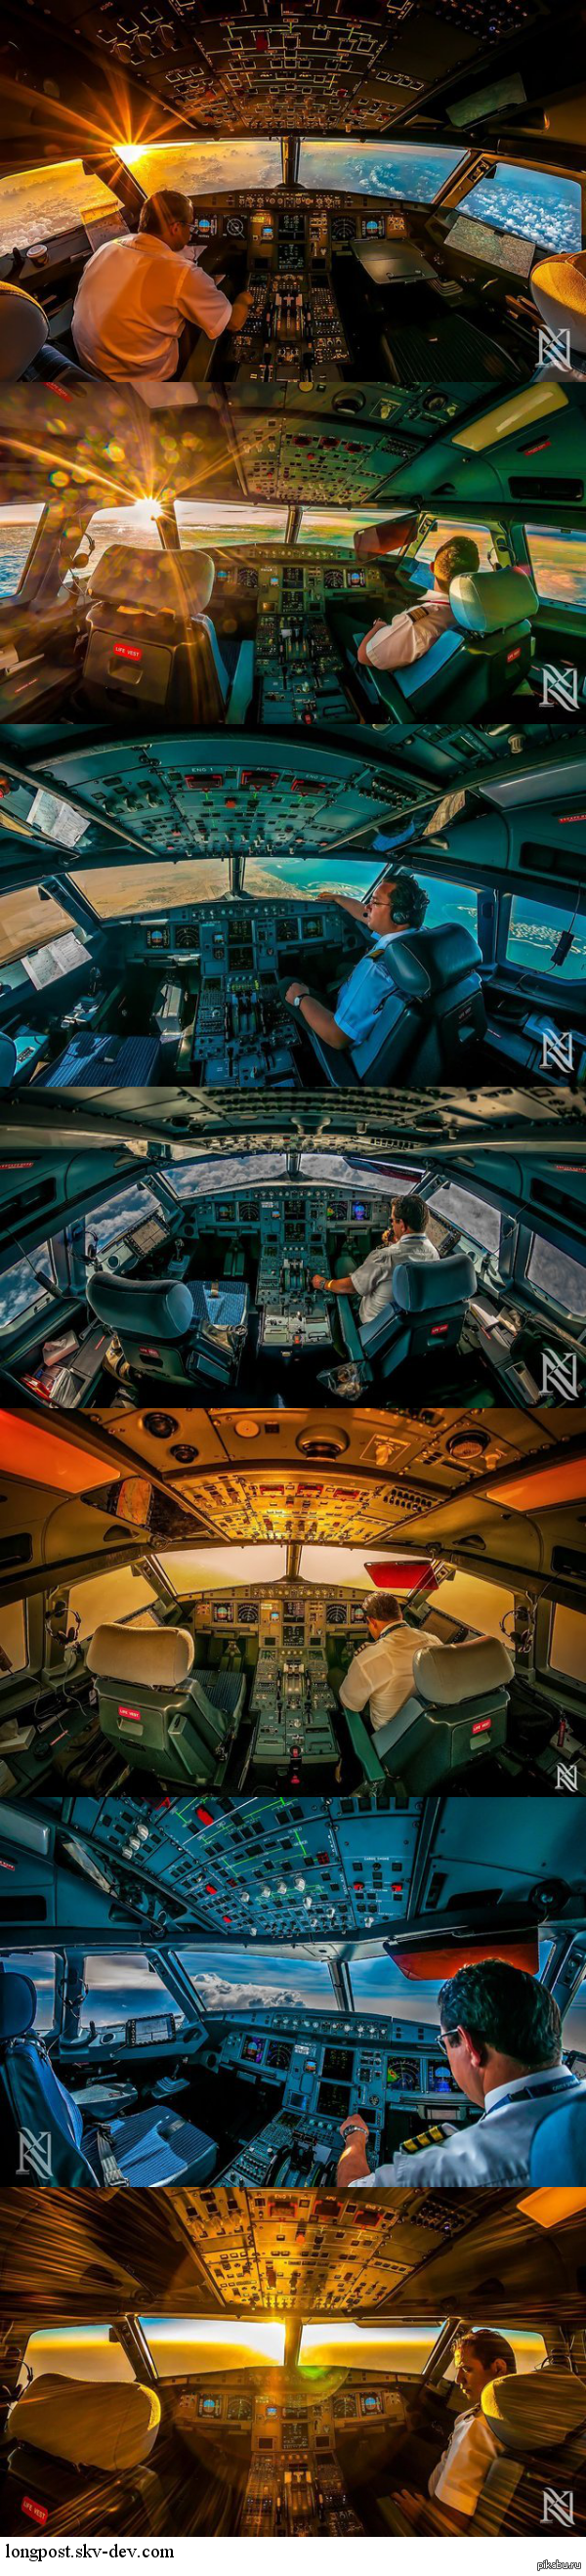 Вид из кабины пилота самолета